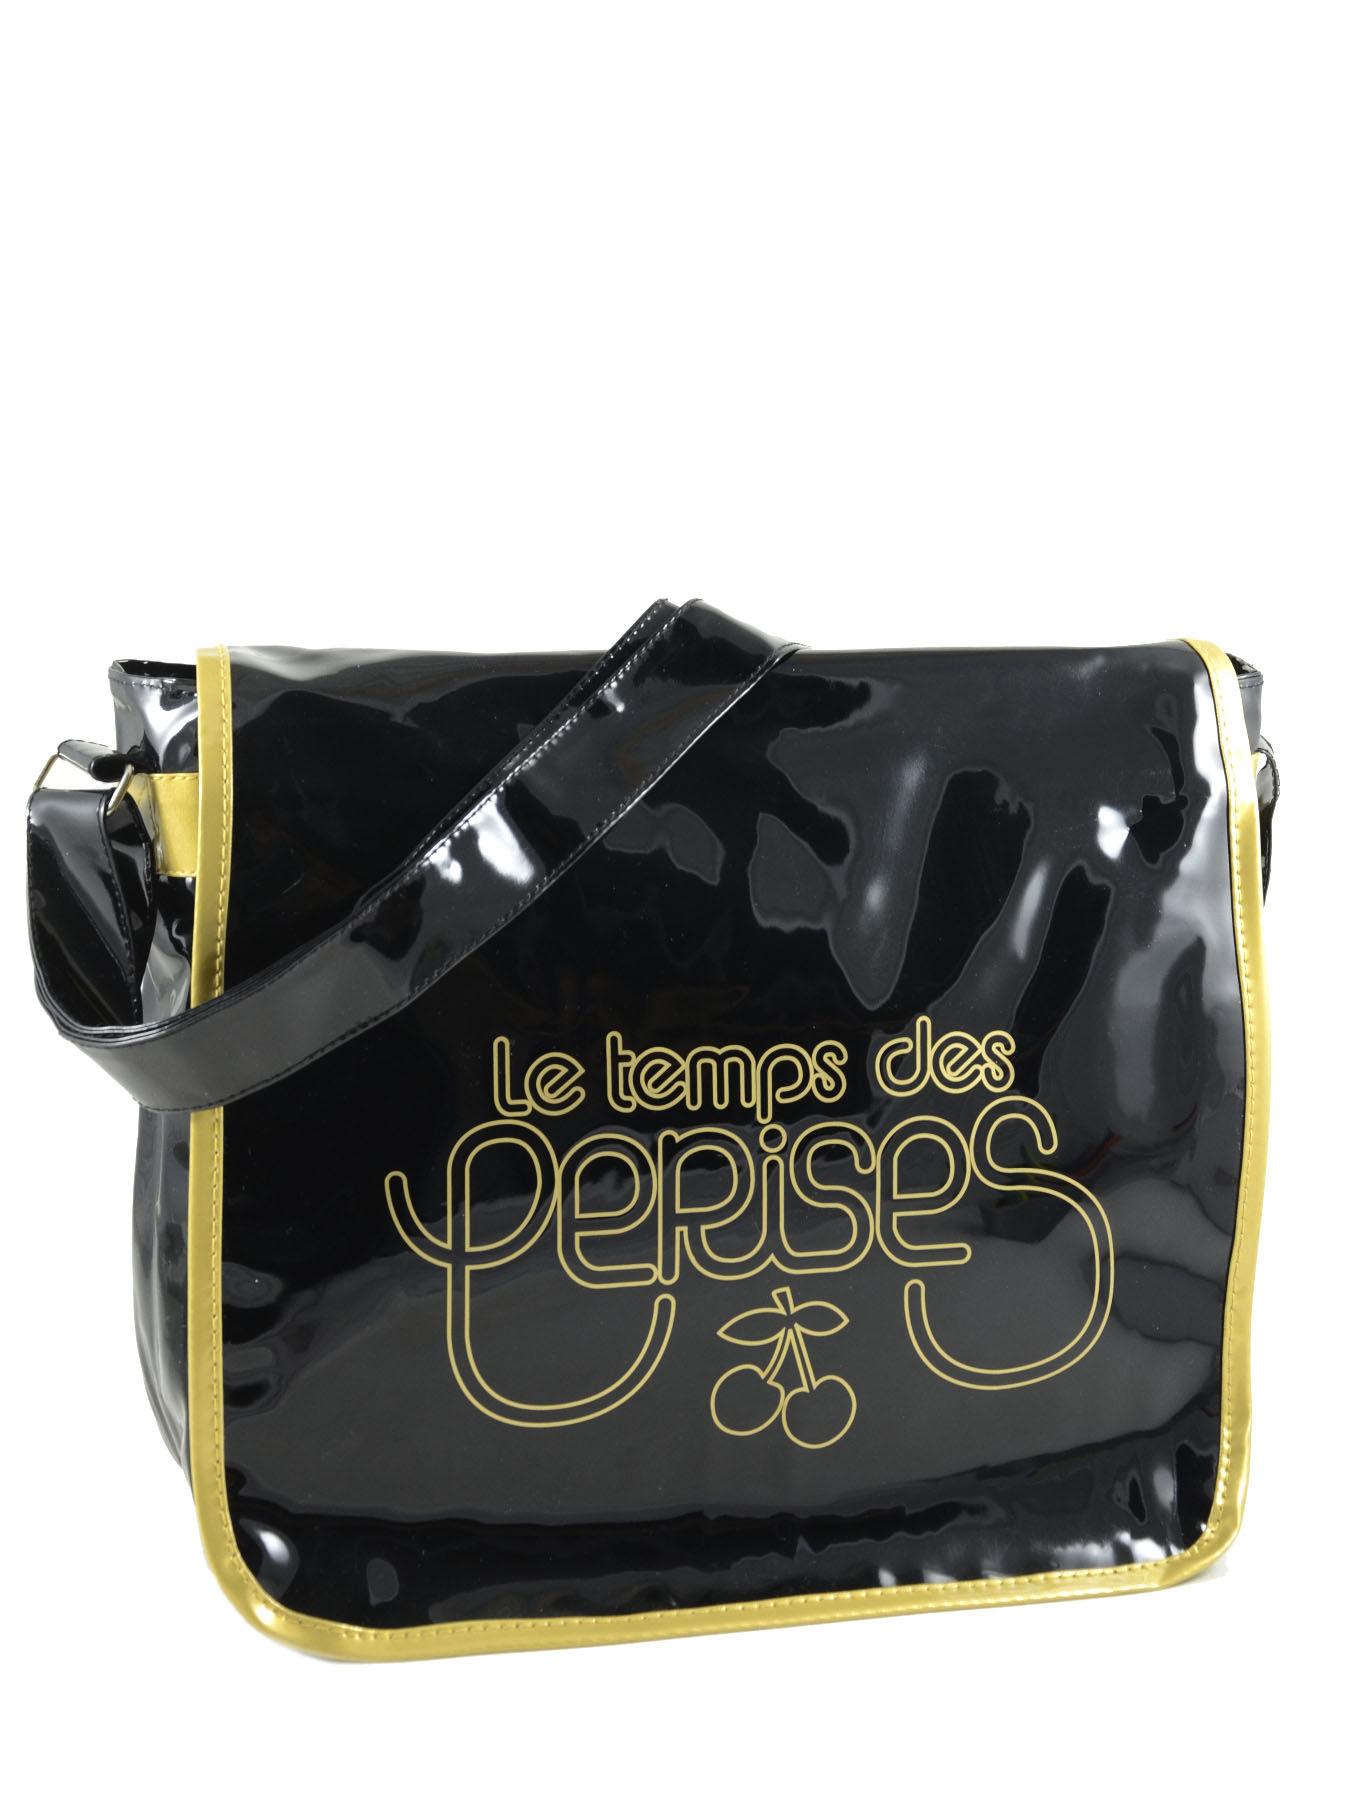 sac port travers le temps des cerises noir bronze rumba. Black Bedroom Furniture Sets. Home Design Ideas